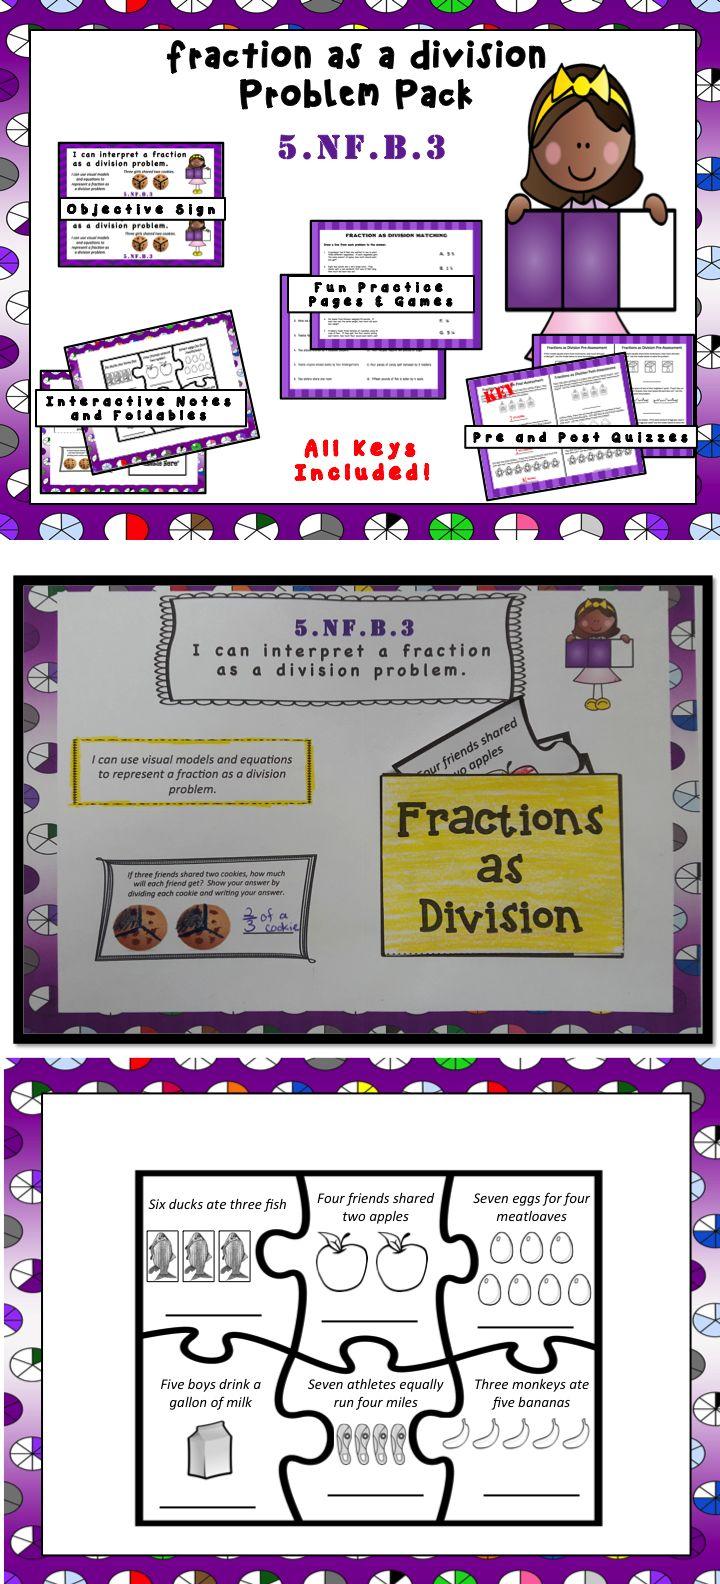 Division - EnchantedLearning.com